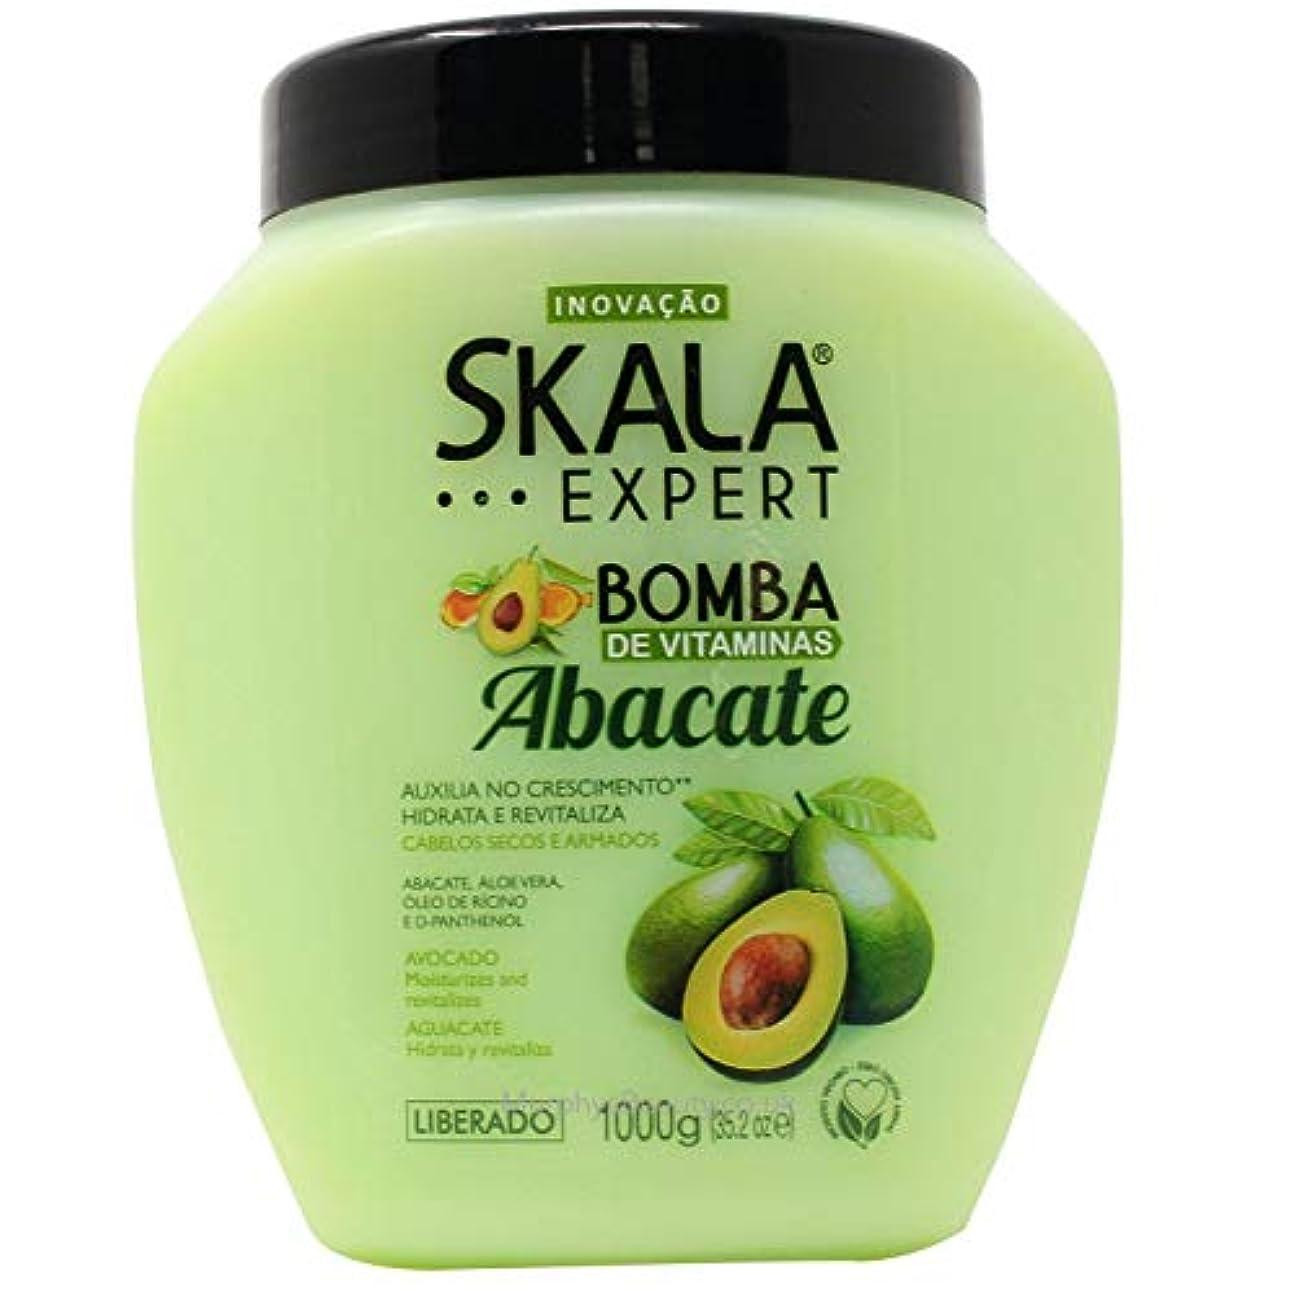 ベンチャー鈍い銀行Skala Expert Abacate スカラ エキスパート アボカド ヘアパックトリートメント 1kg